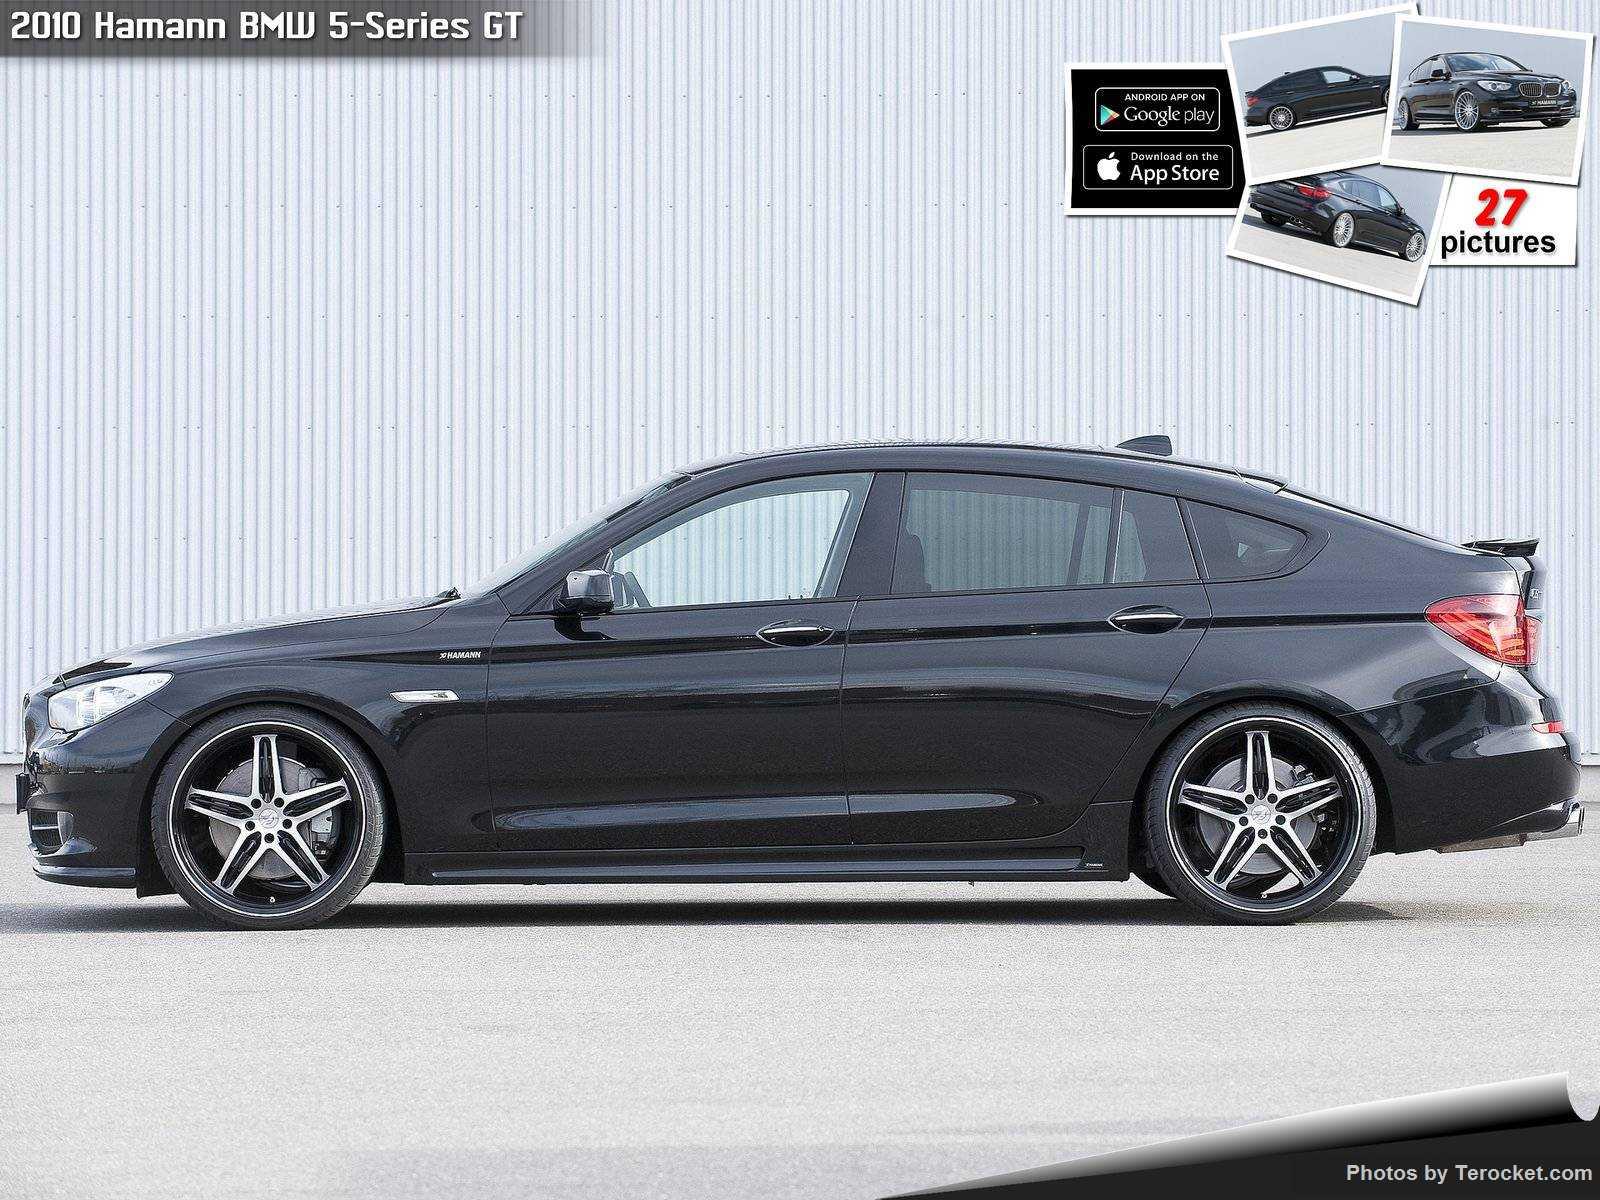 Hình ảnh xe ô tô Hamann BMW 5-Series GT 2010 & nội ngoại thất